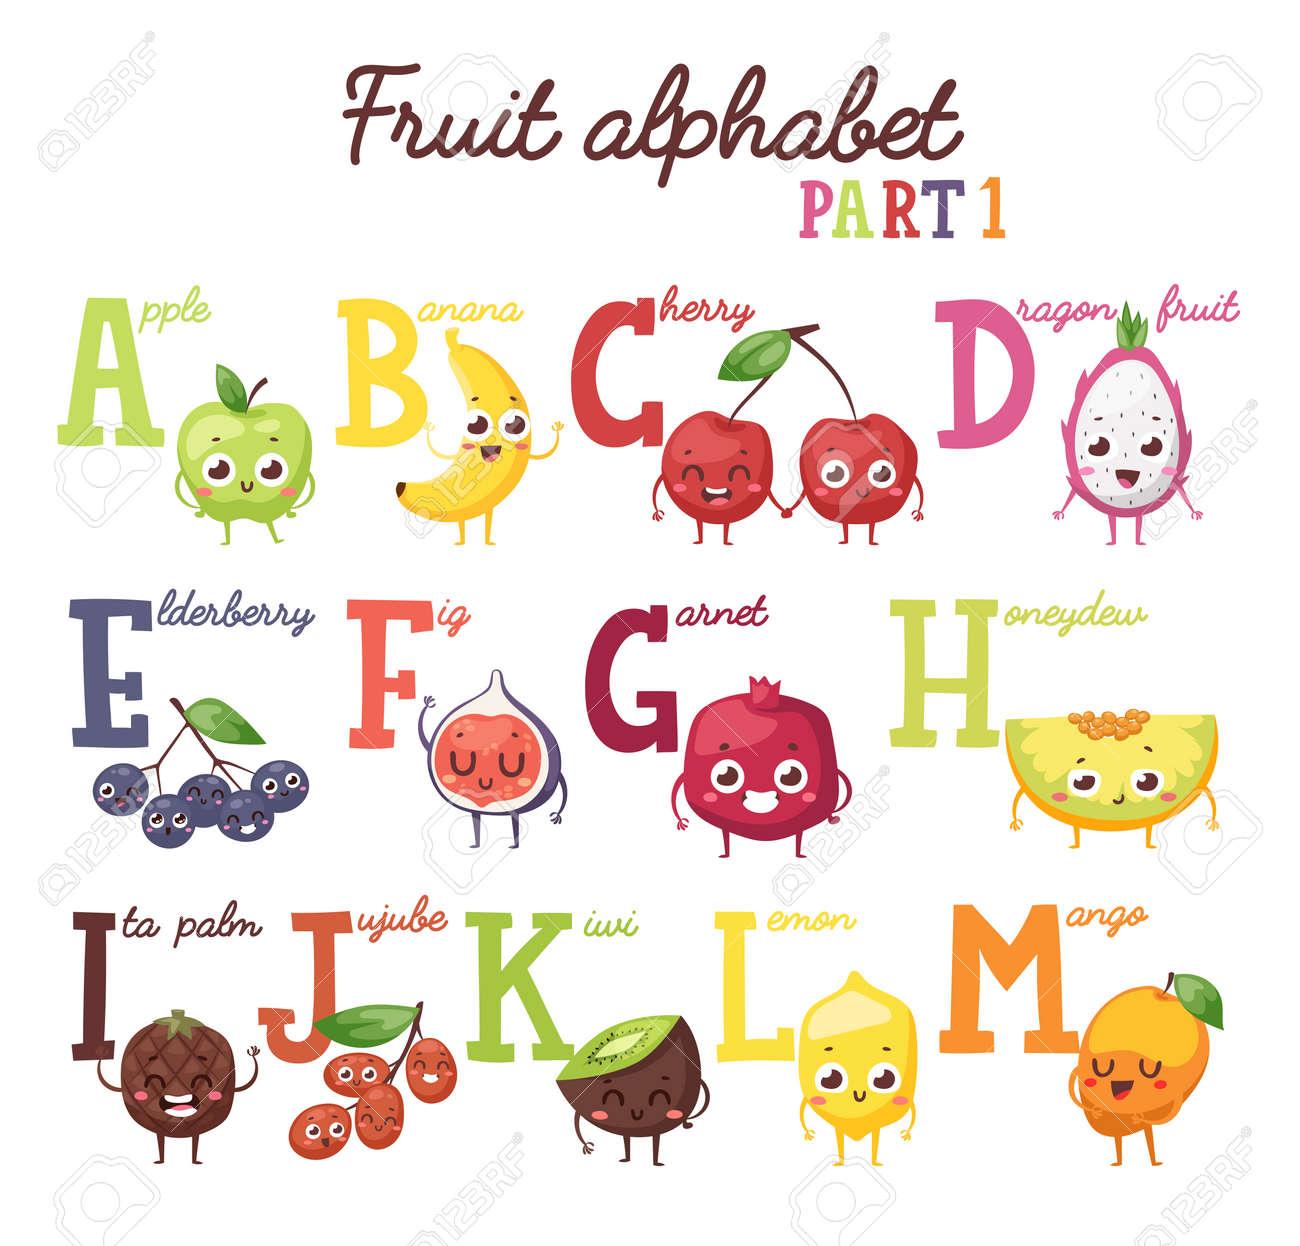 Alfabeto De Fruta Inglés Alfabeto De Frutas Y Frutos De Capital Alfabeto Letra Mayúscula Con Frutas Alfabeto De Frutas Primera Parte Y El Alfabeto